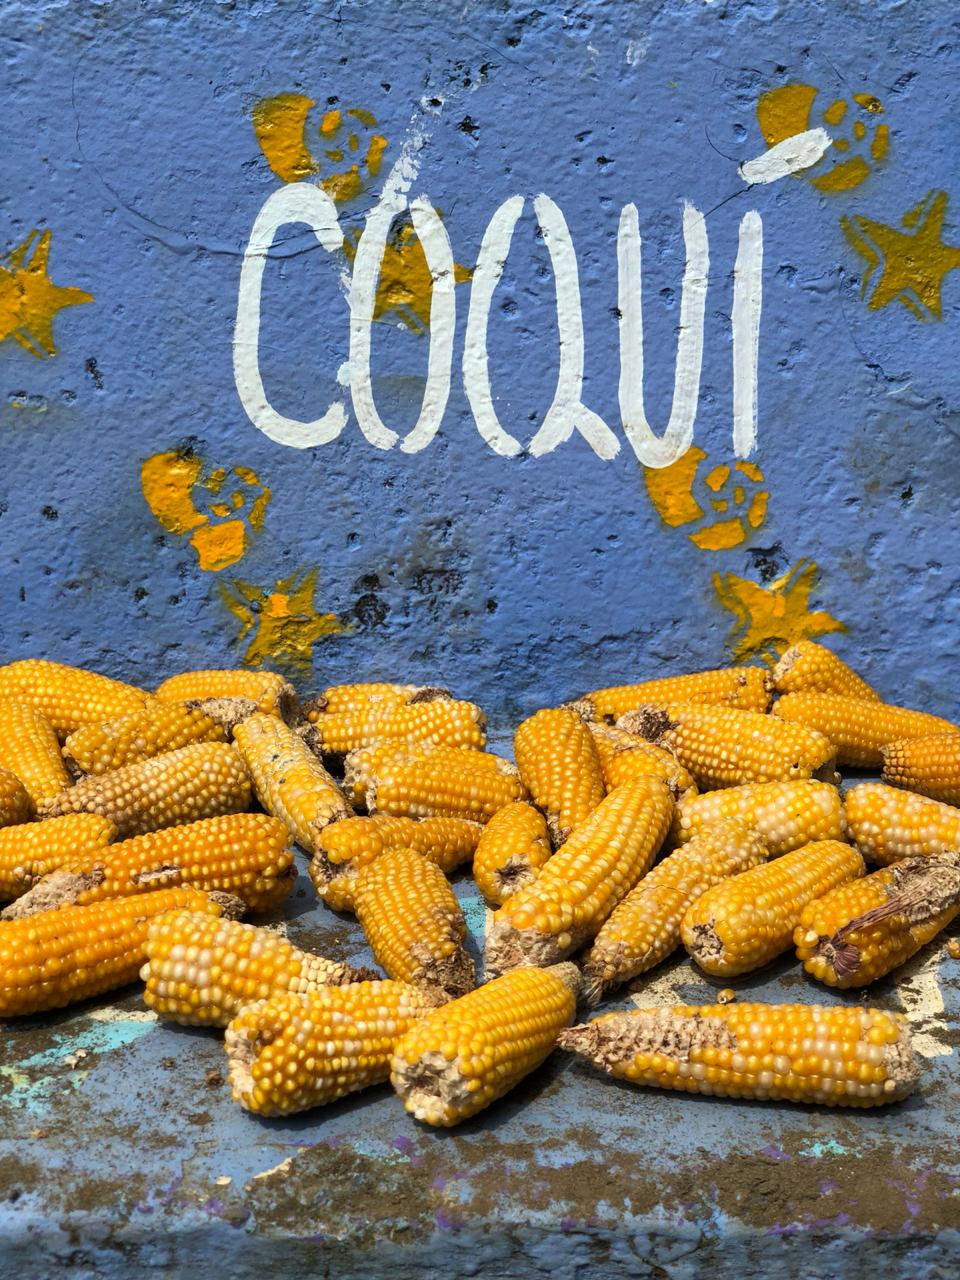 Coquí Chocó